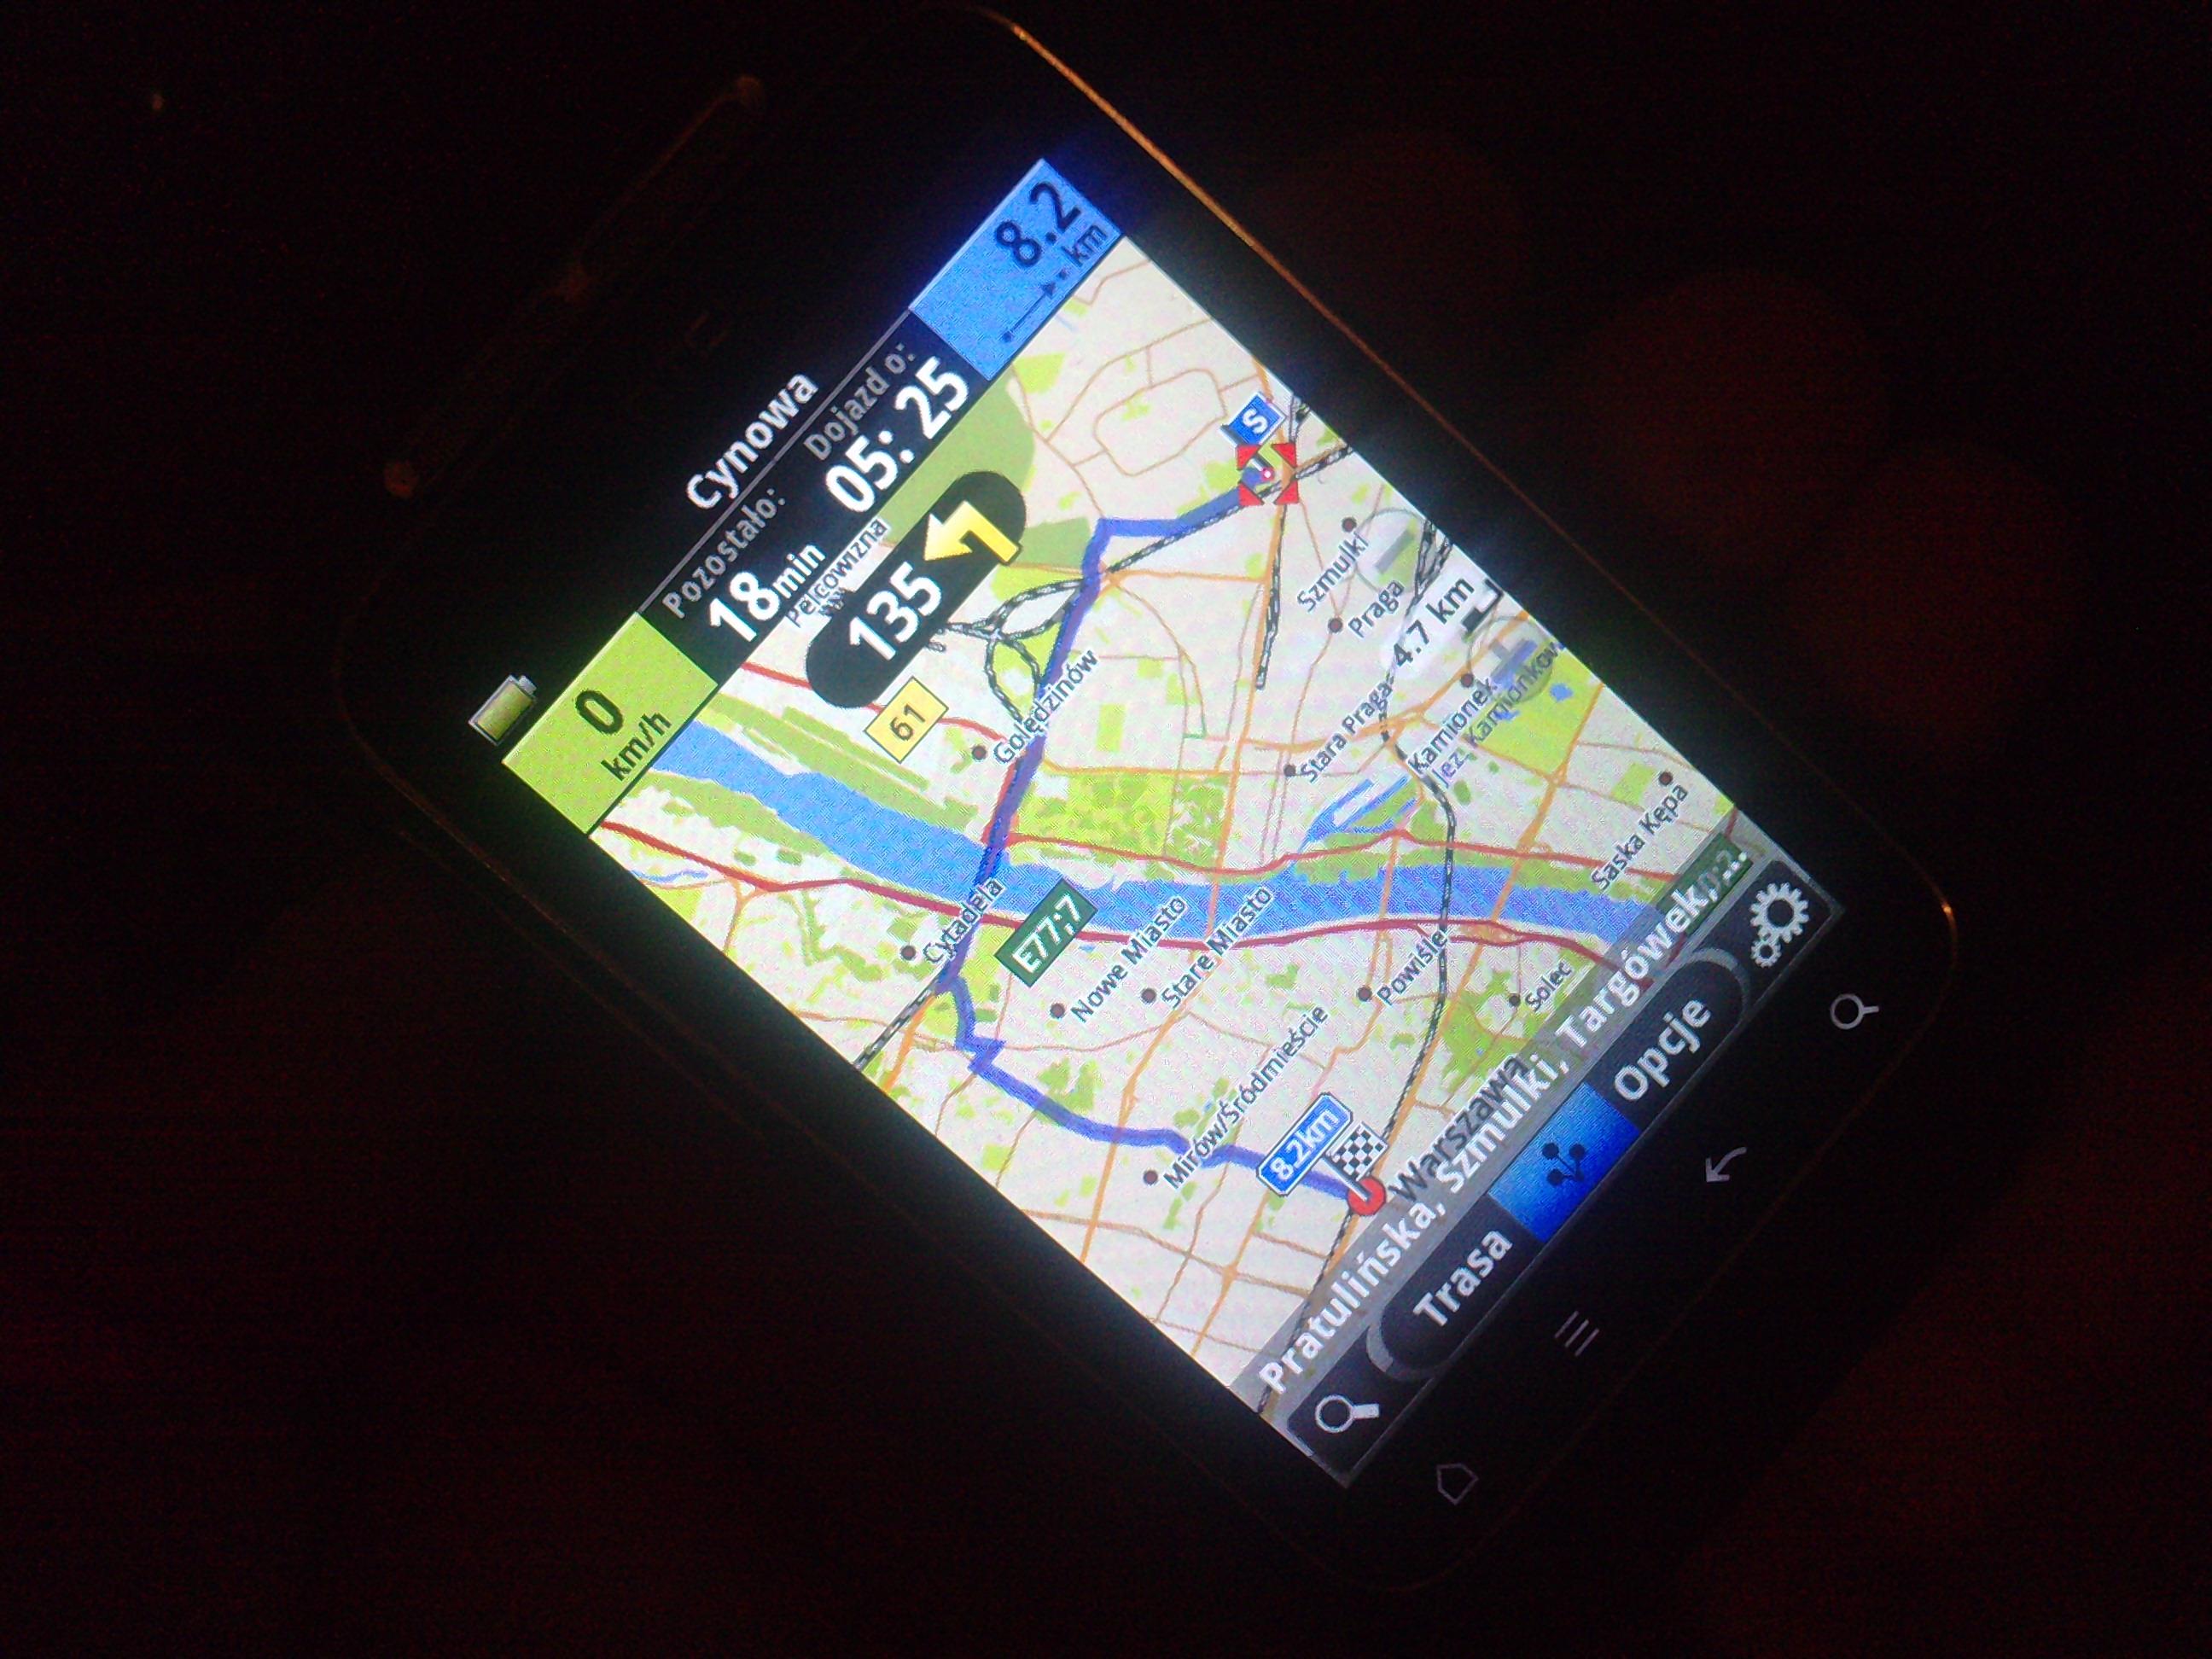 HTC Wildfire S czy inny telefon z nawigacj� pod AutoMap�??